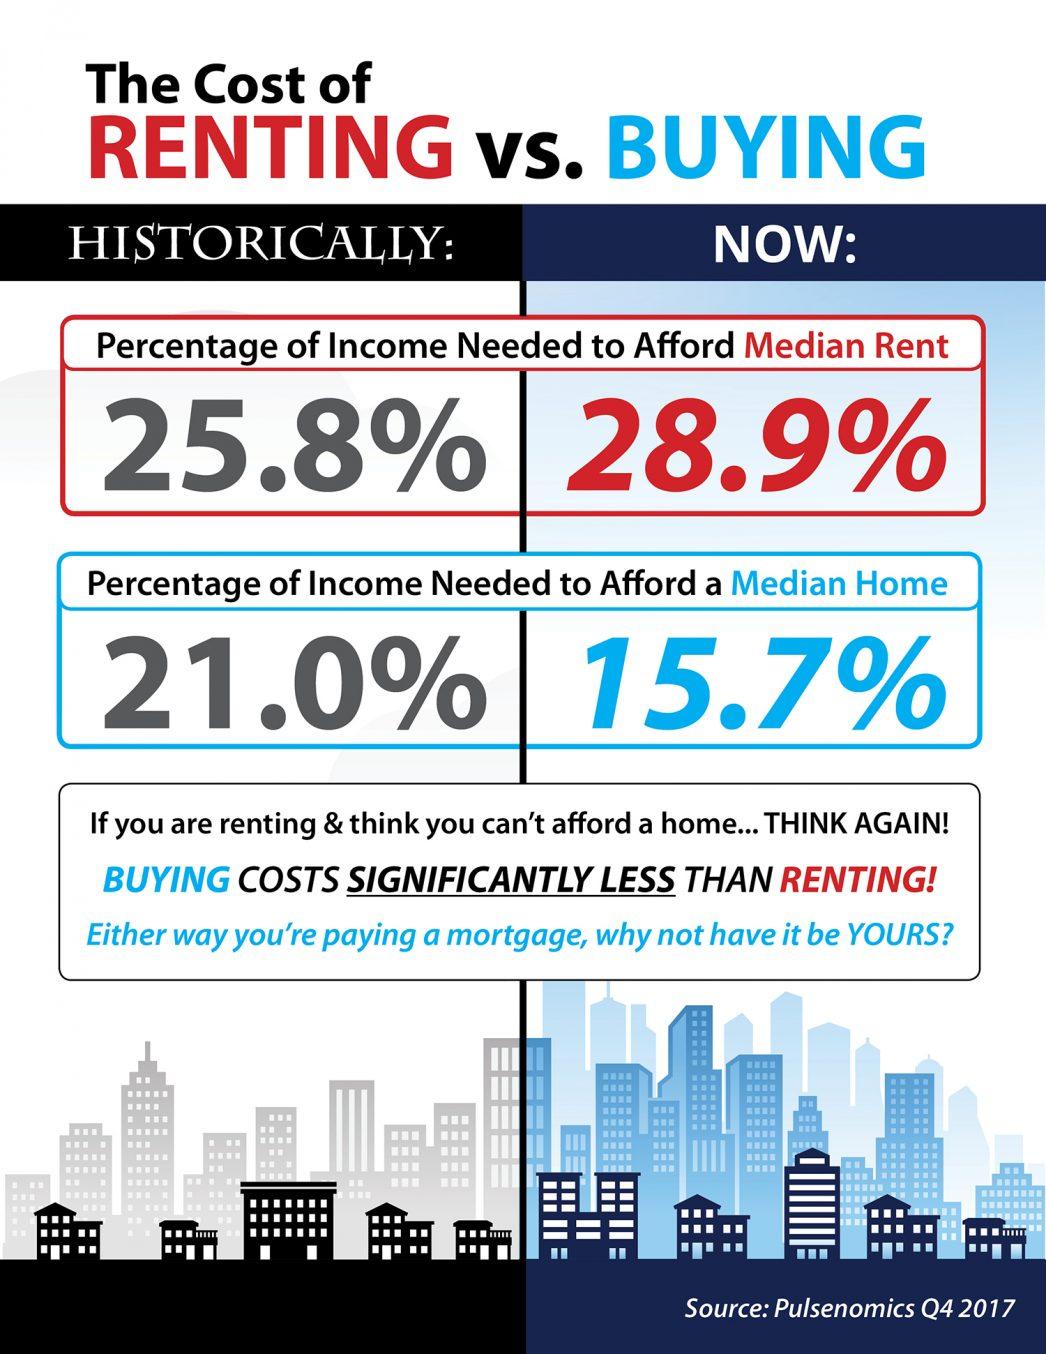 Rent-vs.-Buy-STM-1046x1354.jpg